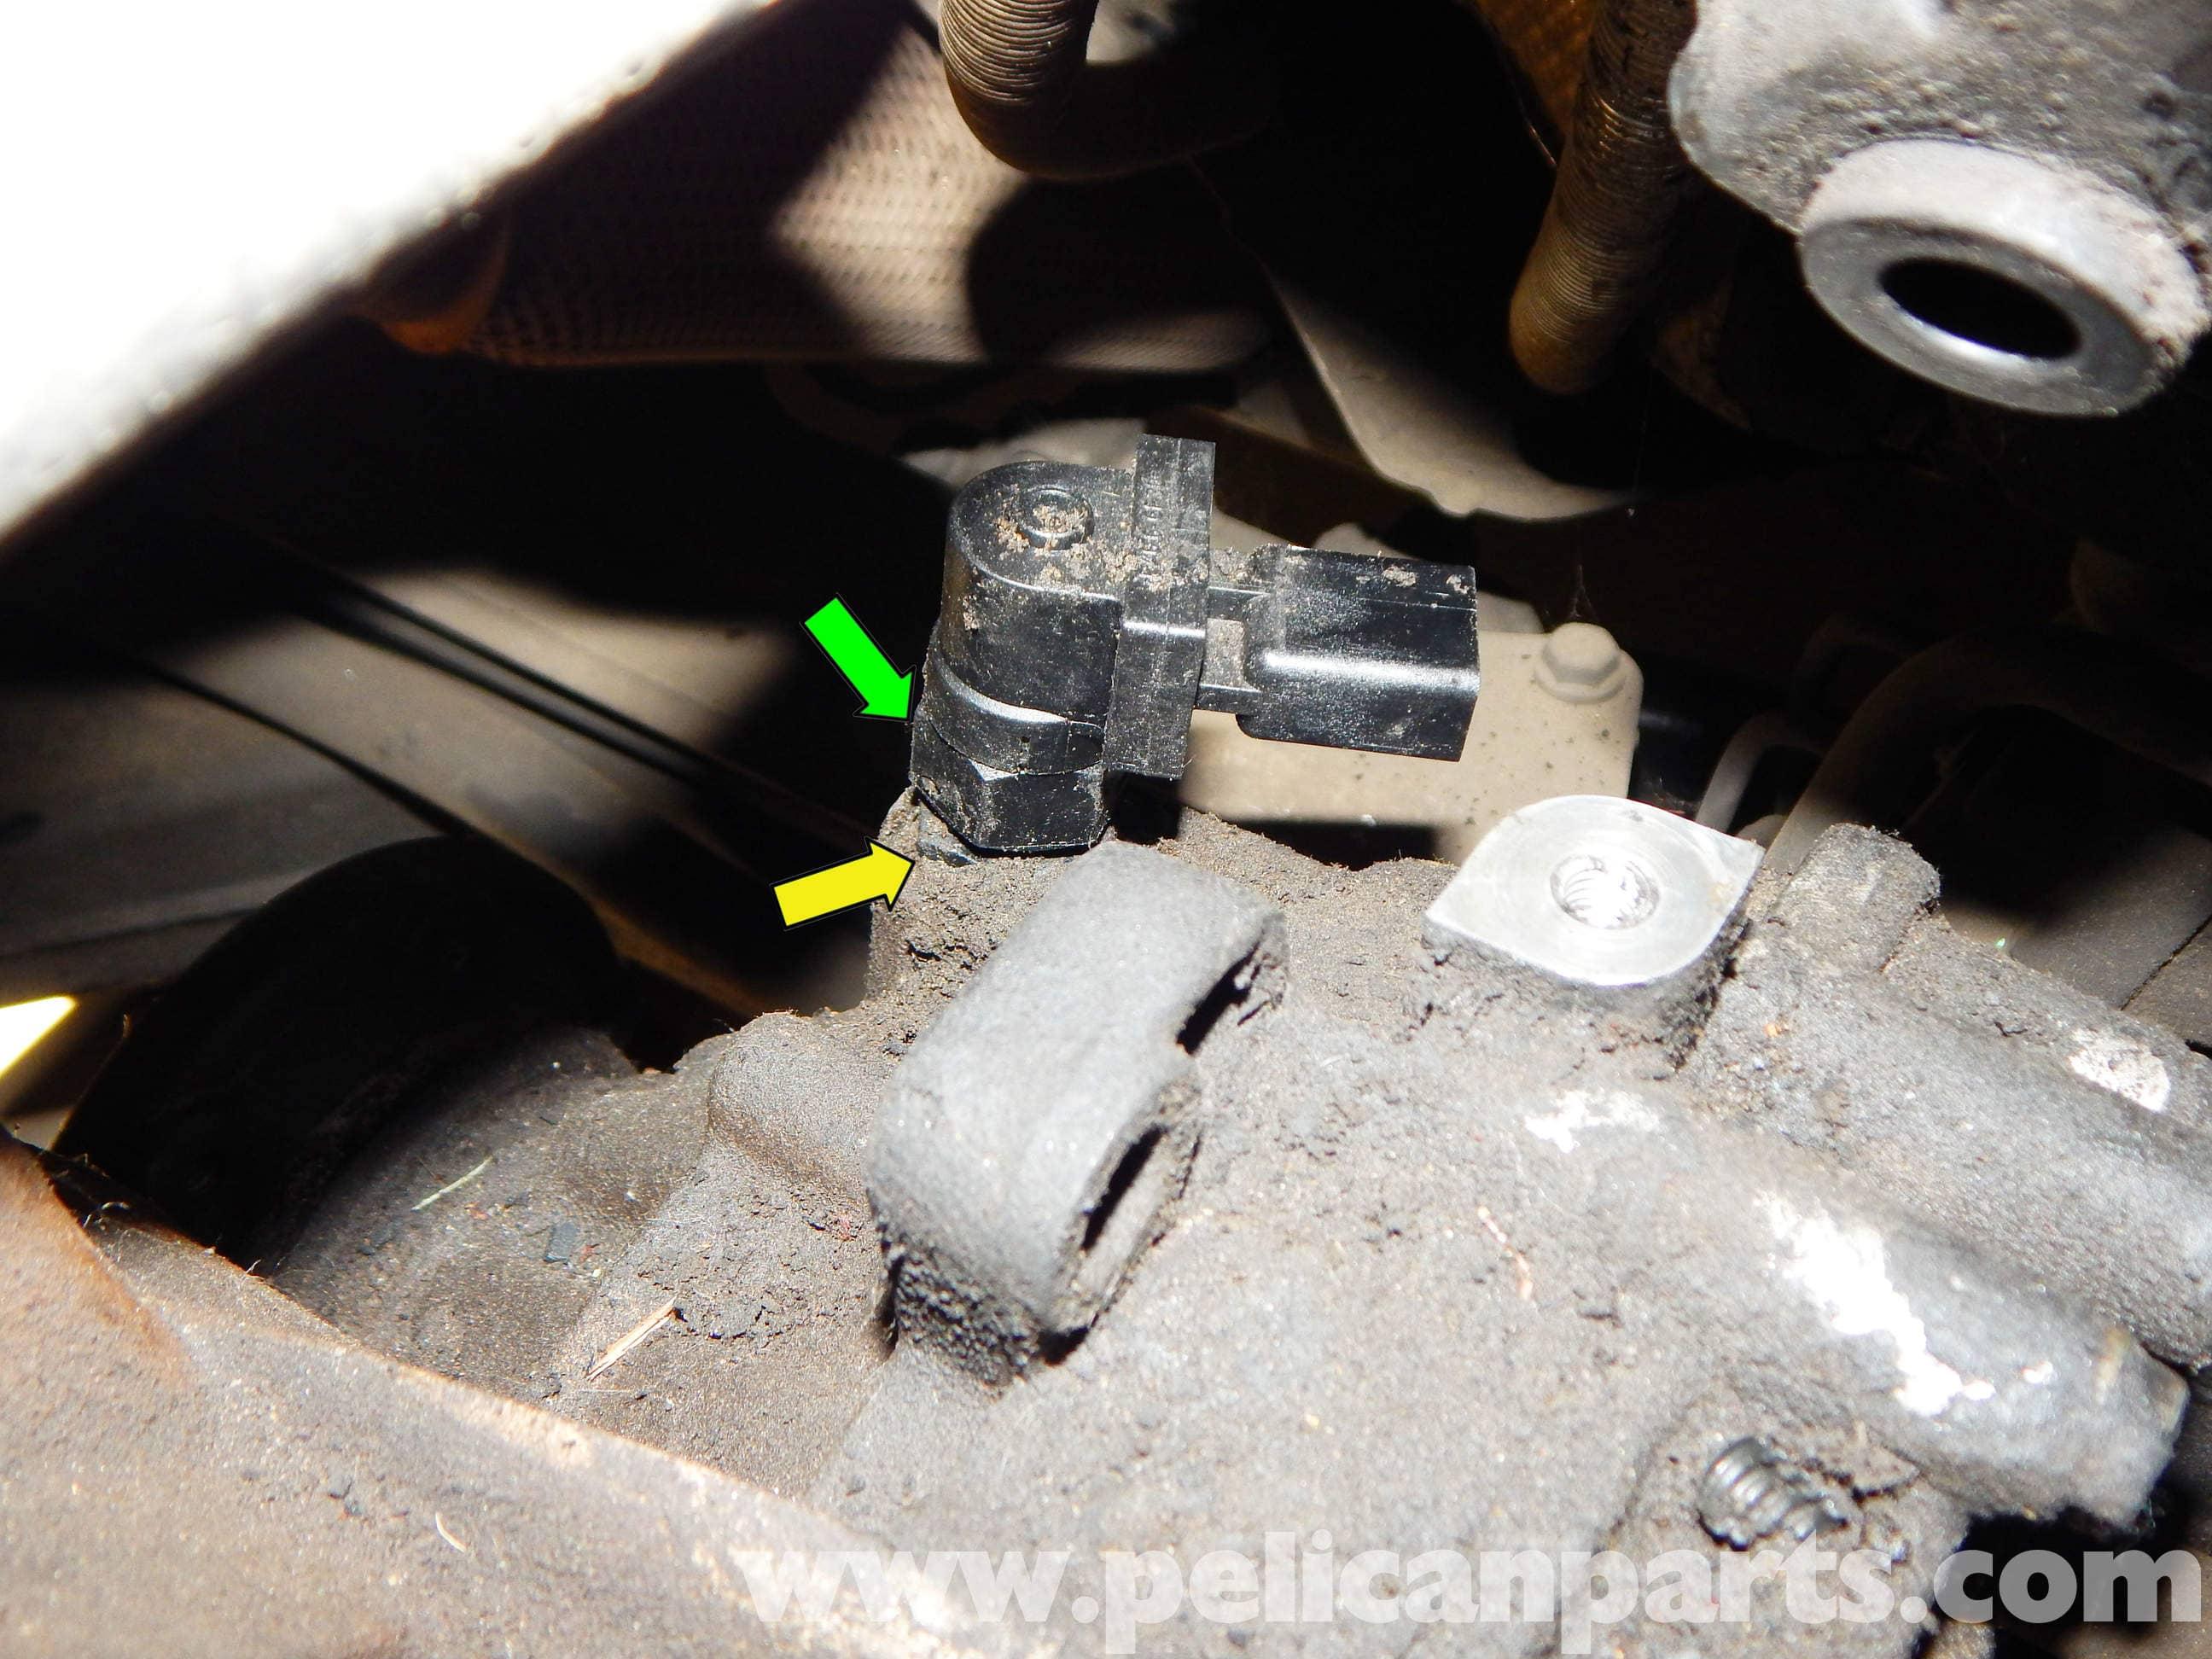 Volkswagen Jetta Mk4 Vehicle Speed Sensor Replacement